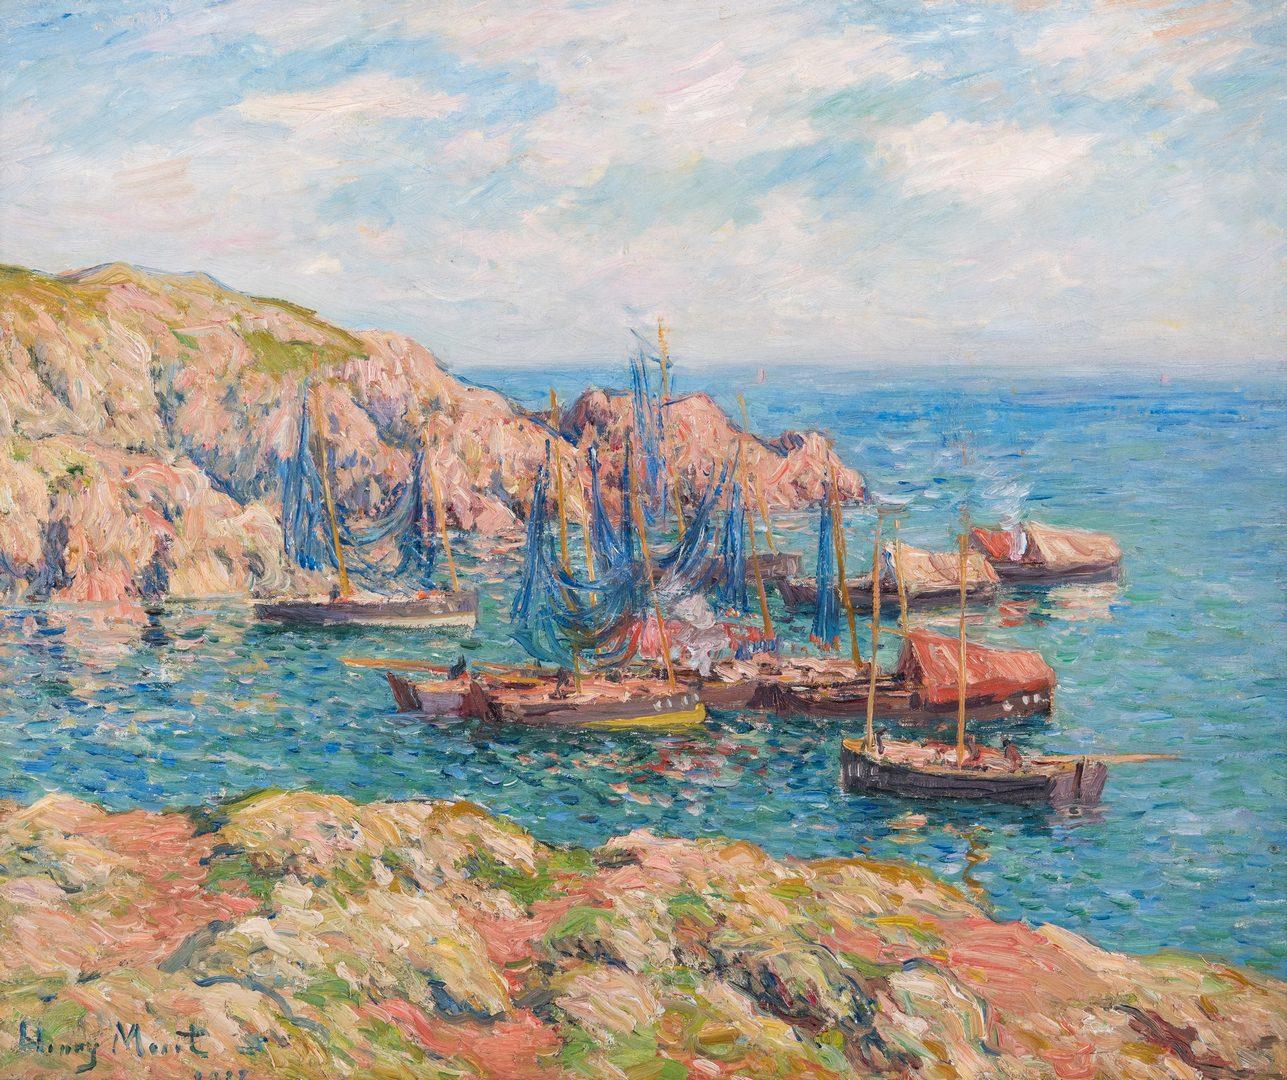 Lot 105: Henry Moret Landscape Painting